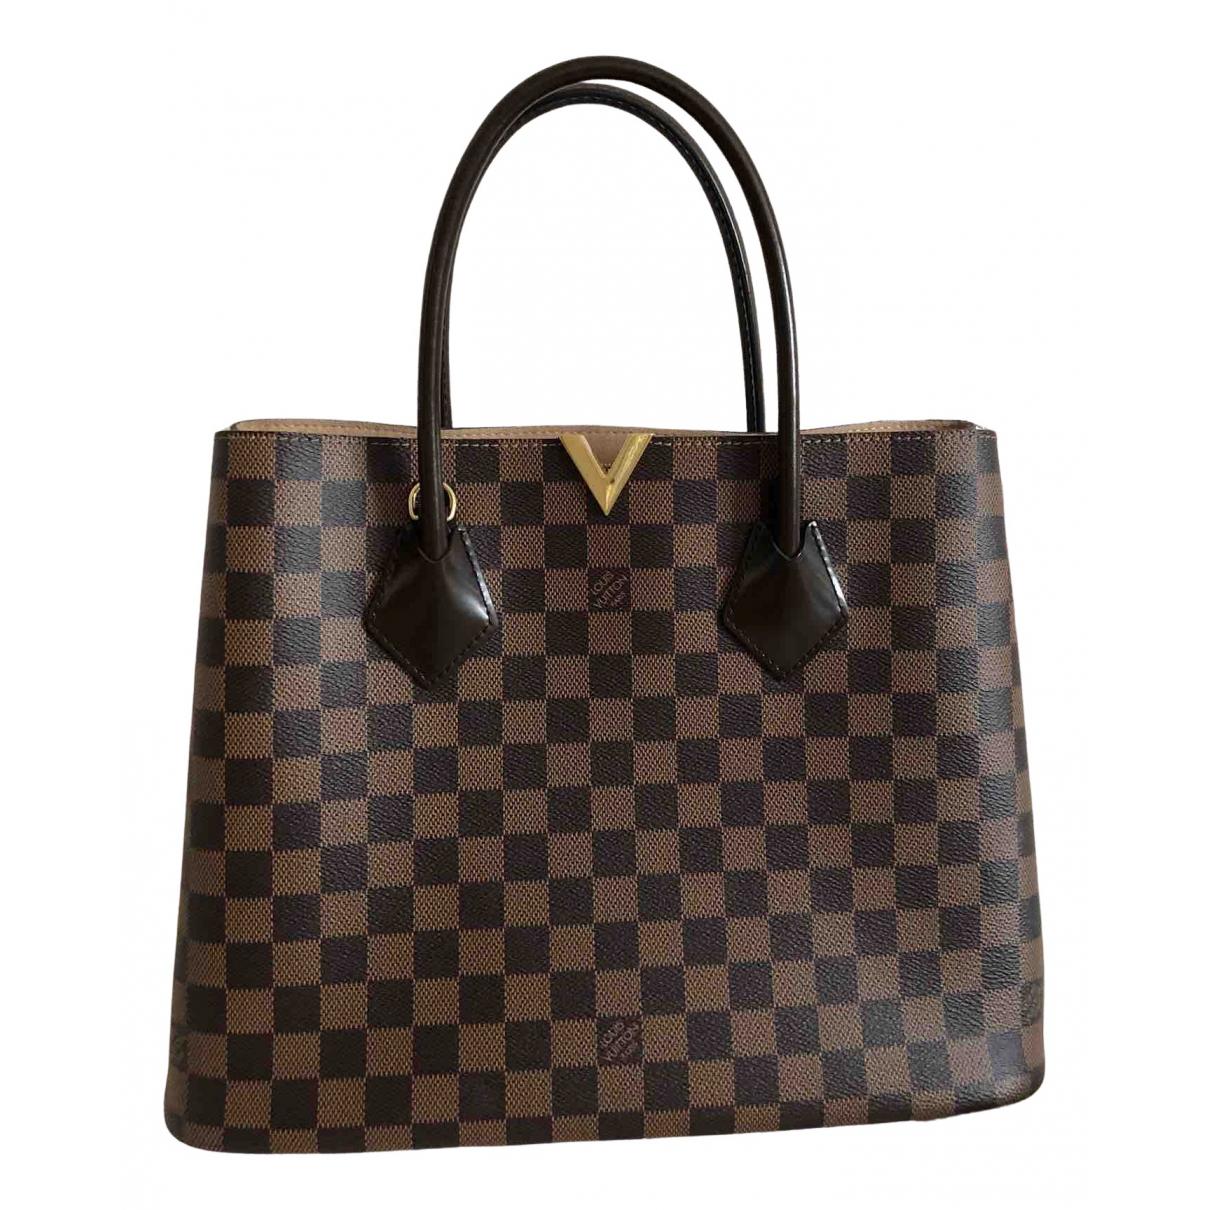 Louis Vuitton - Sac a main Kensington pour femme en toile - marron